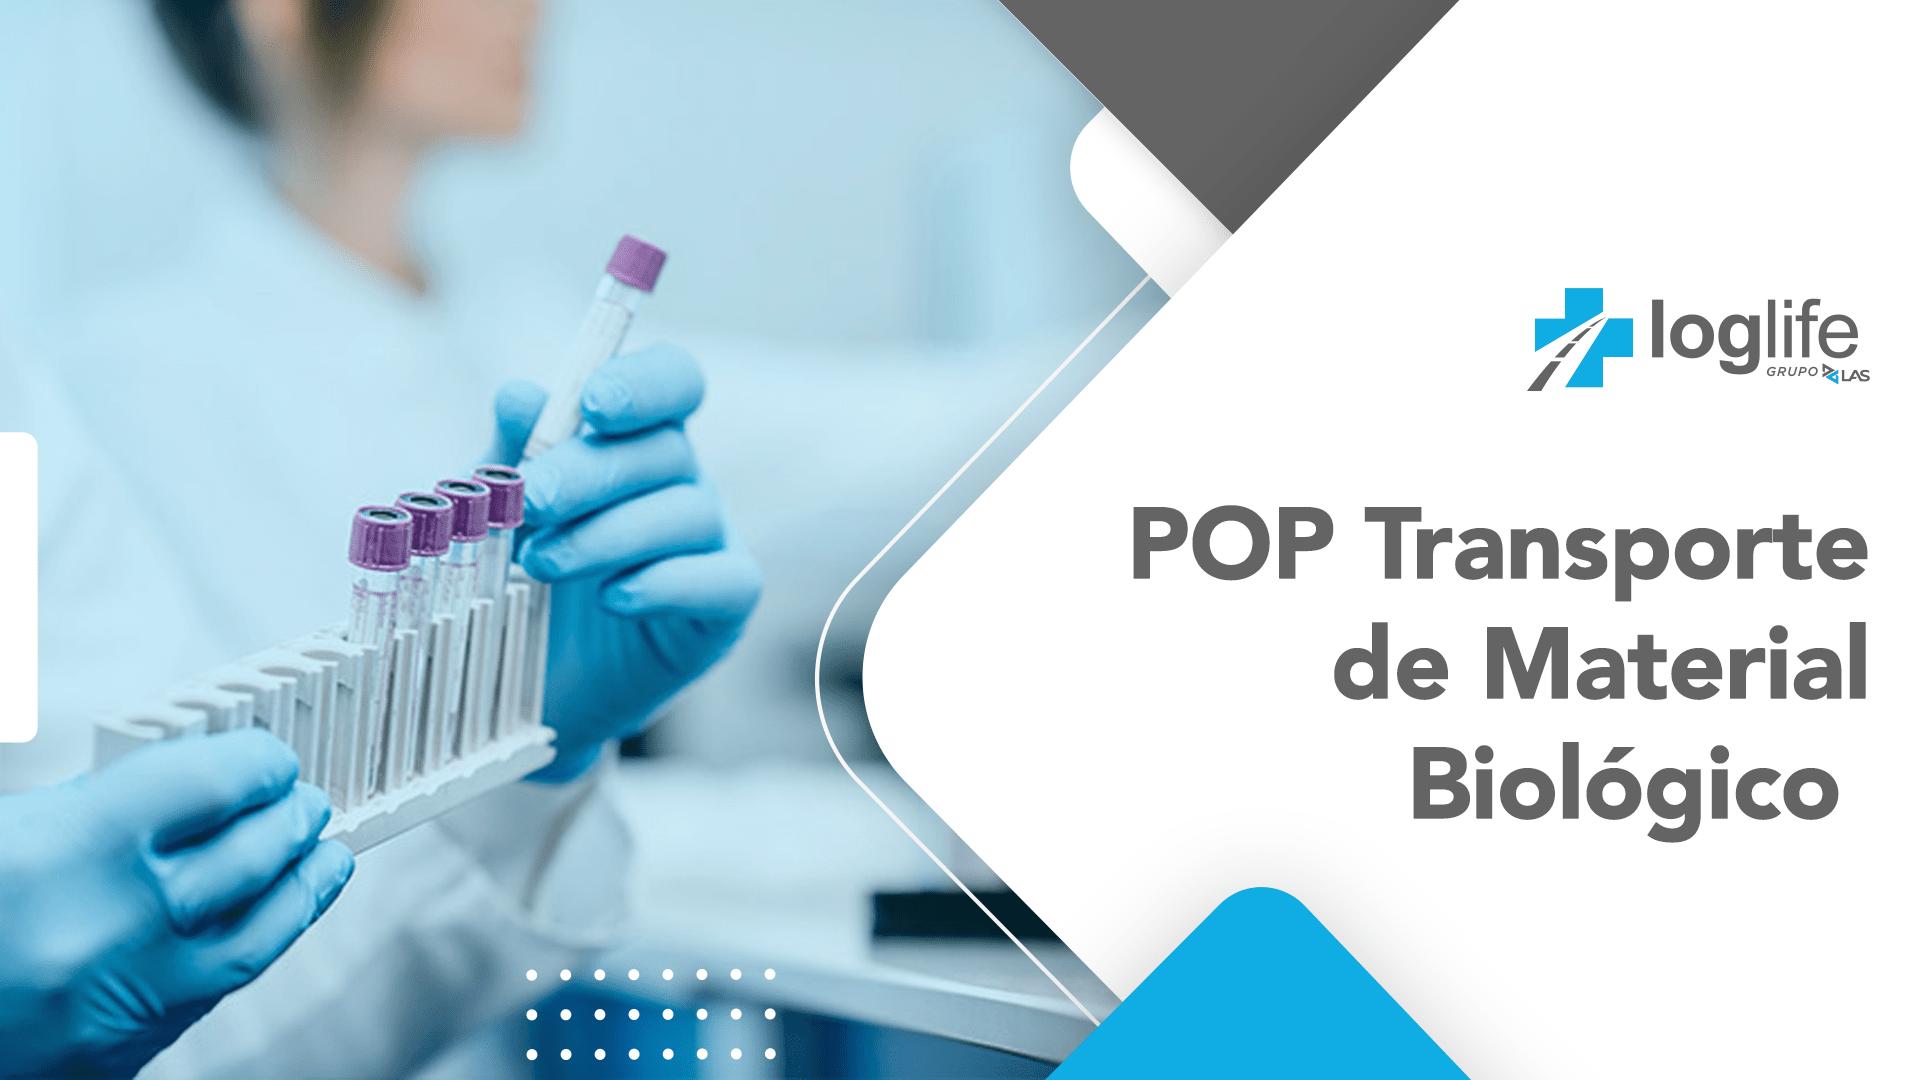 POP de Transporte de Material Biológico